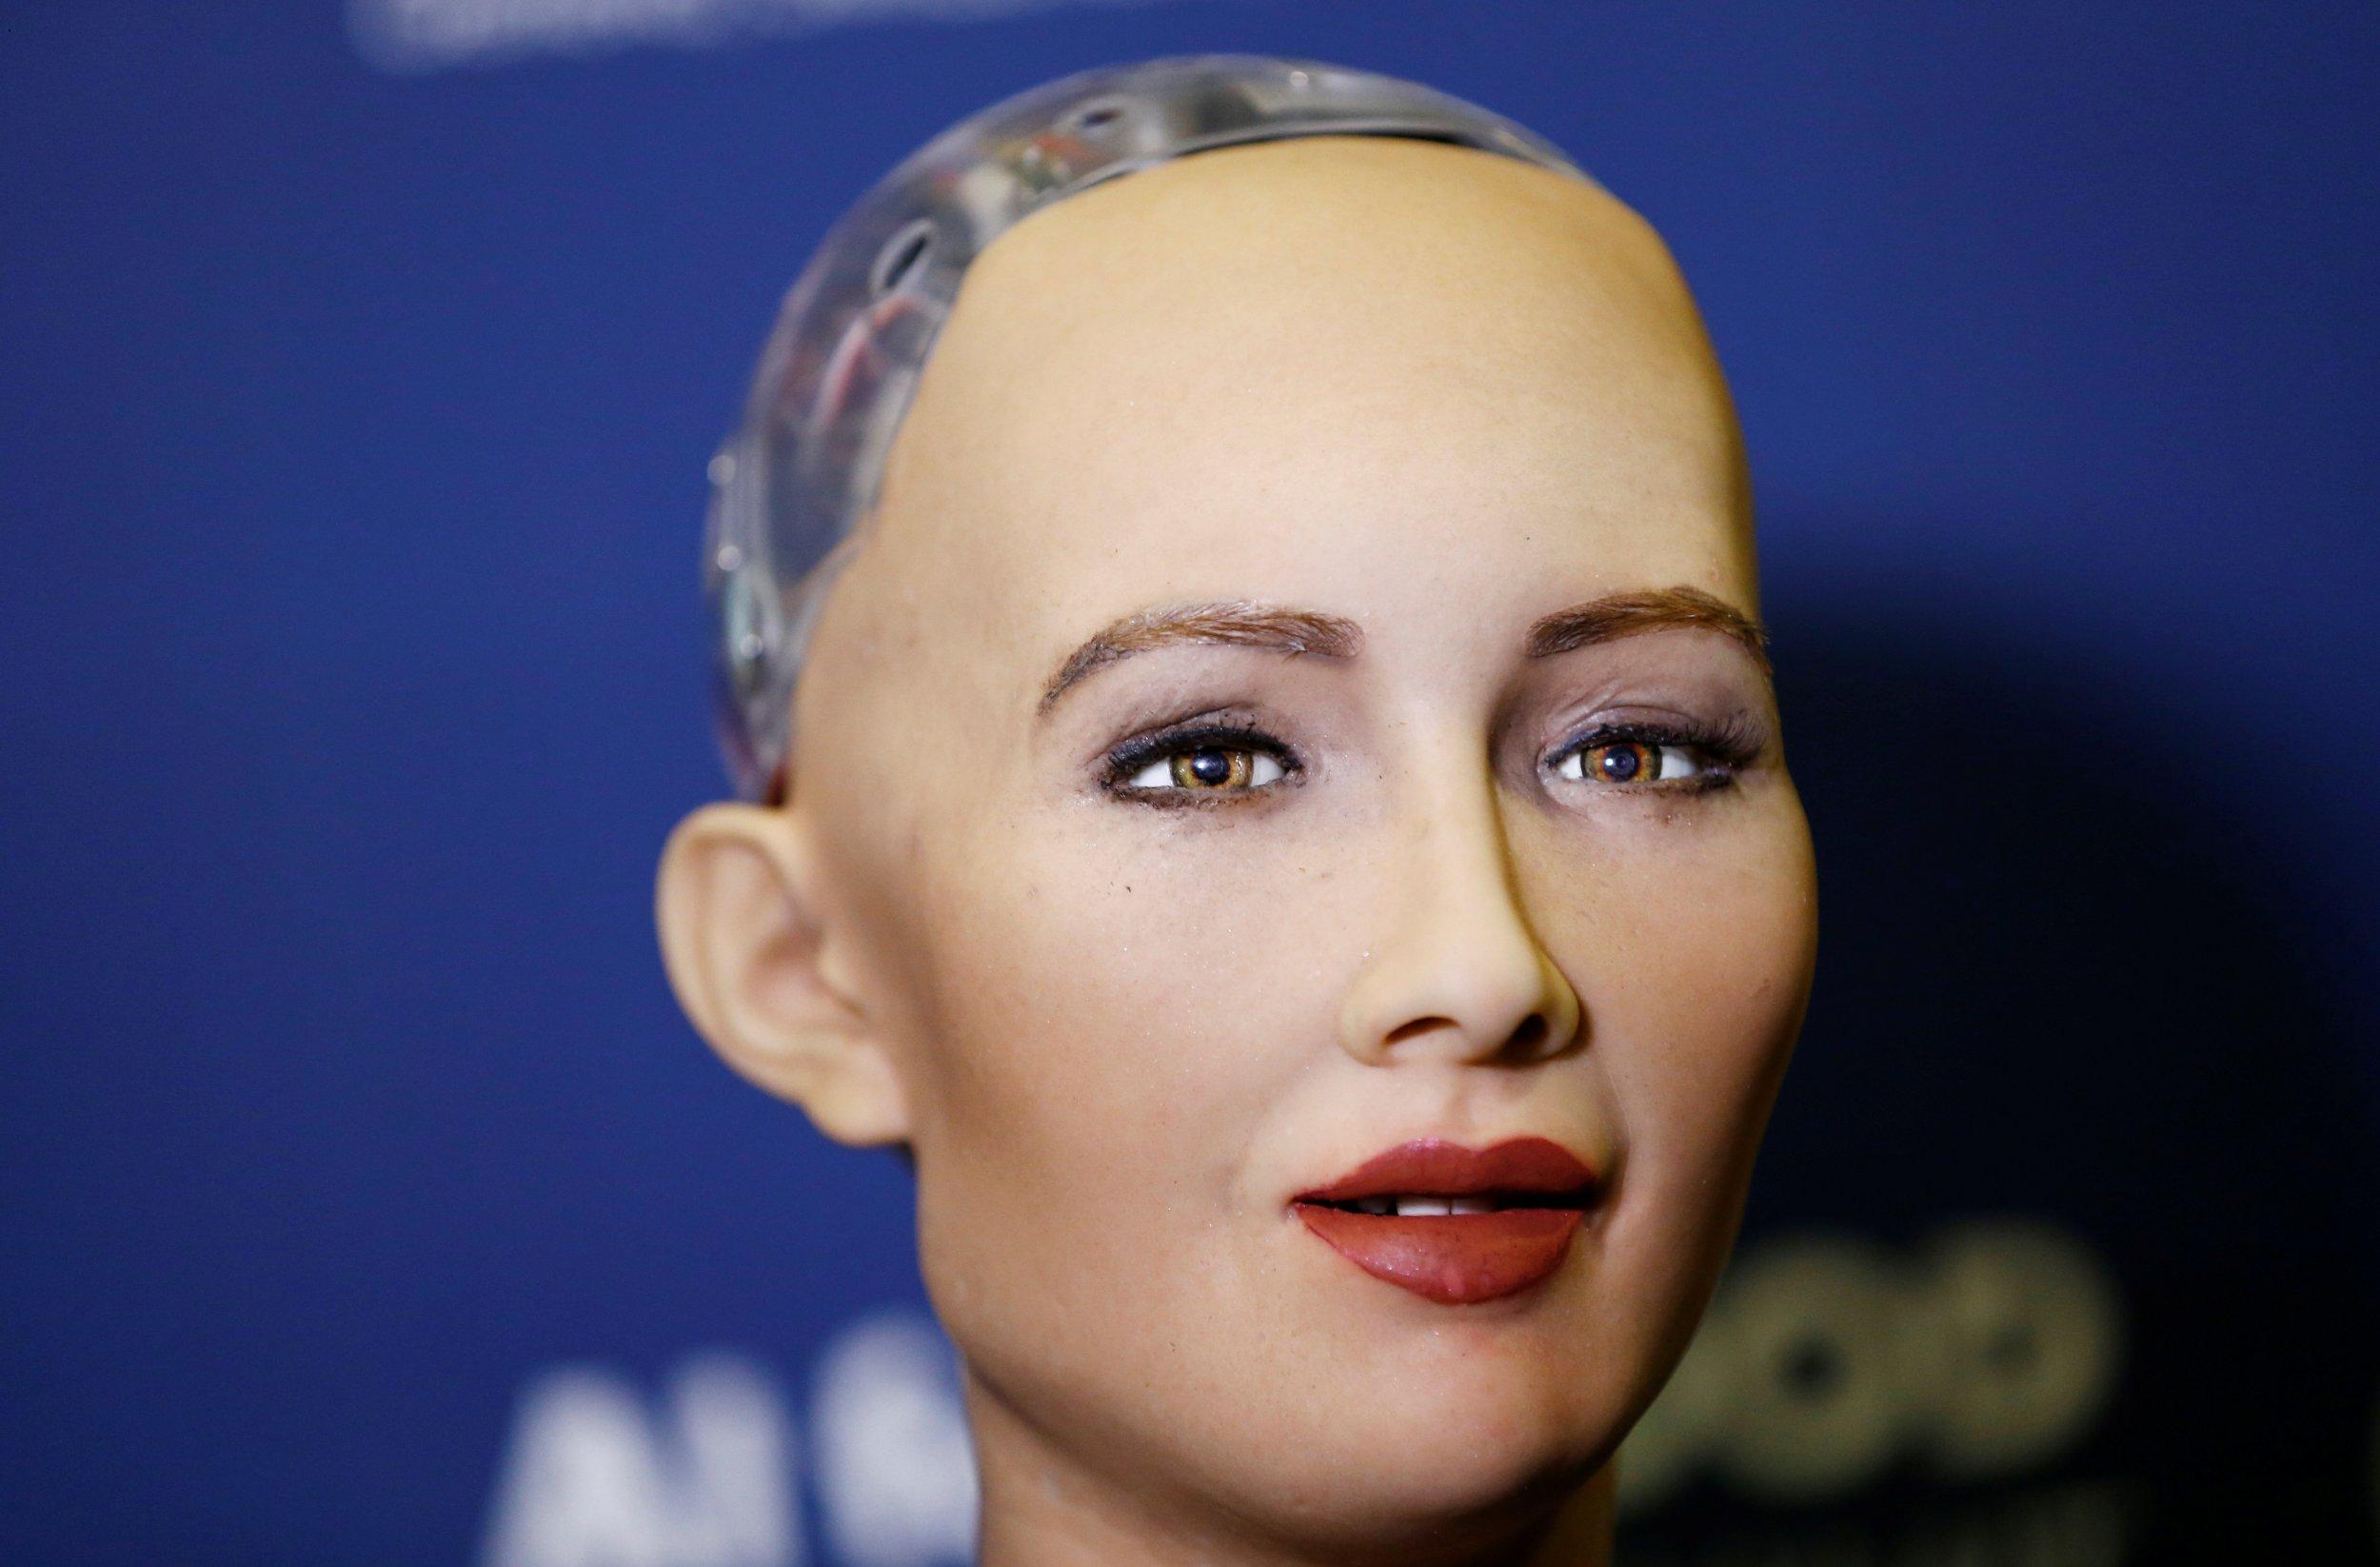 Hasil gambar untuk Robot sophia